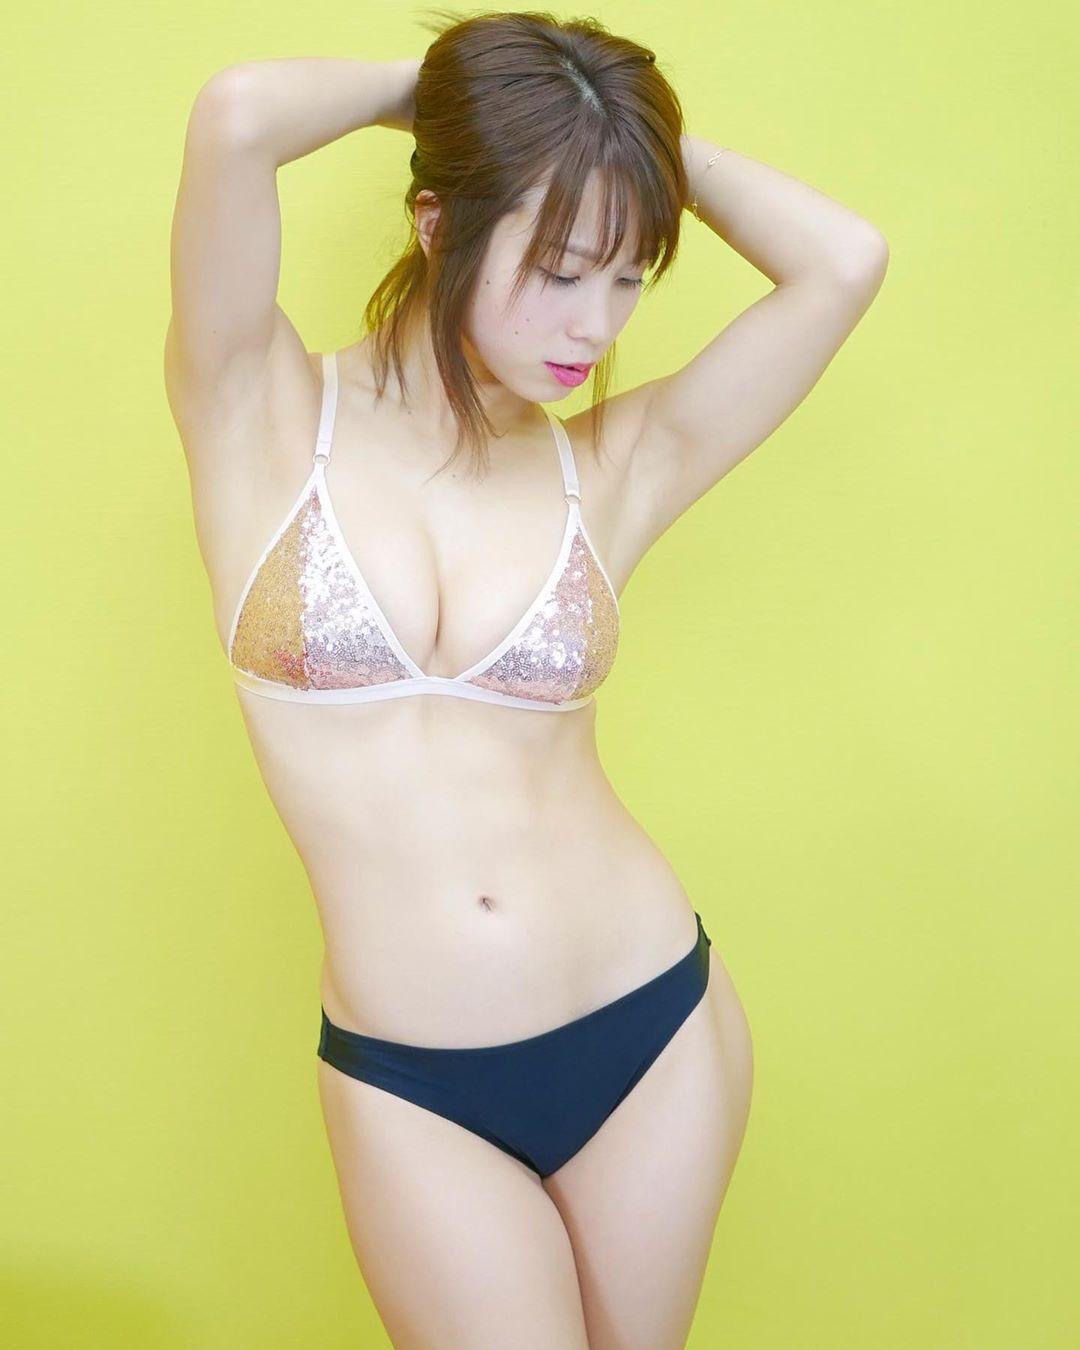 inudou_minori076.jpg